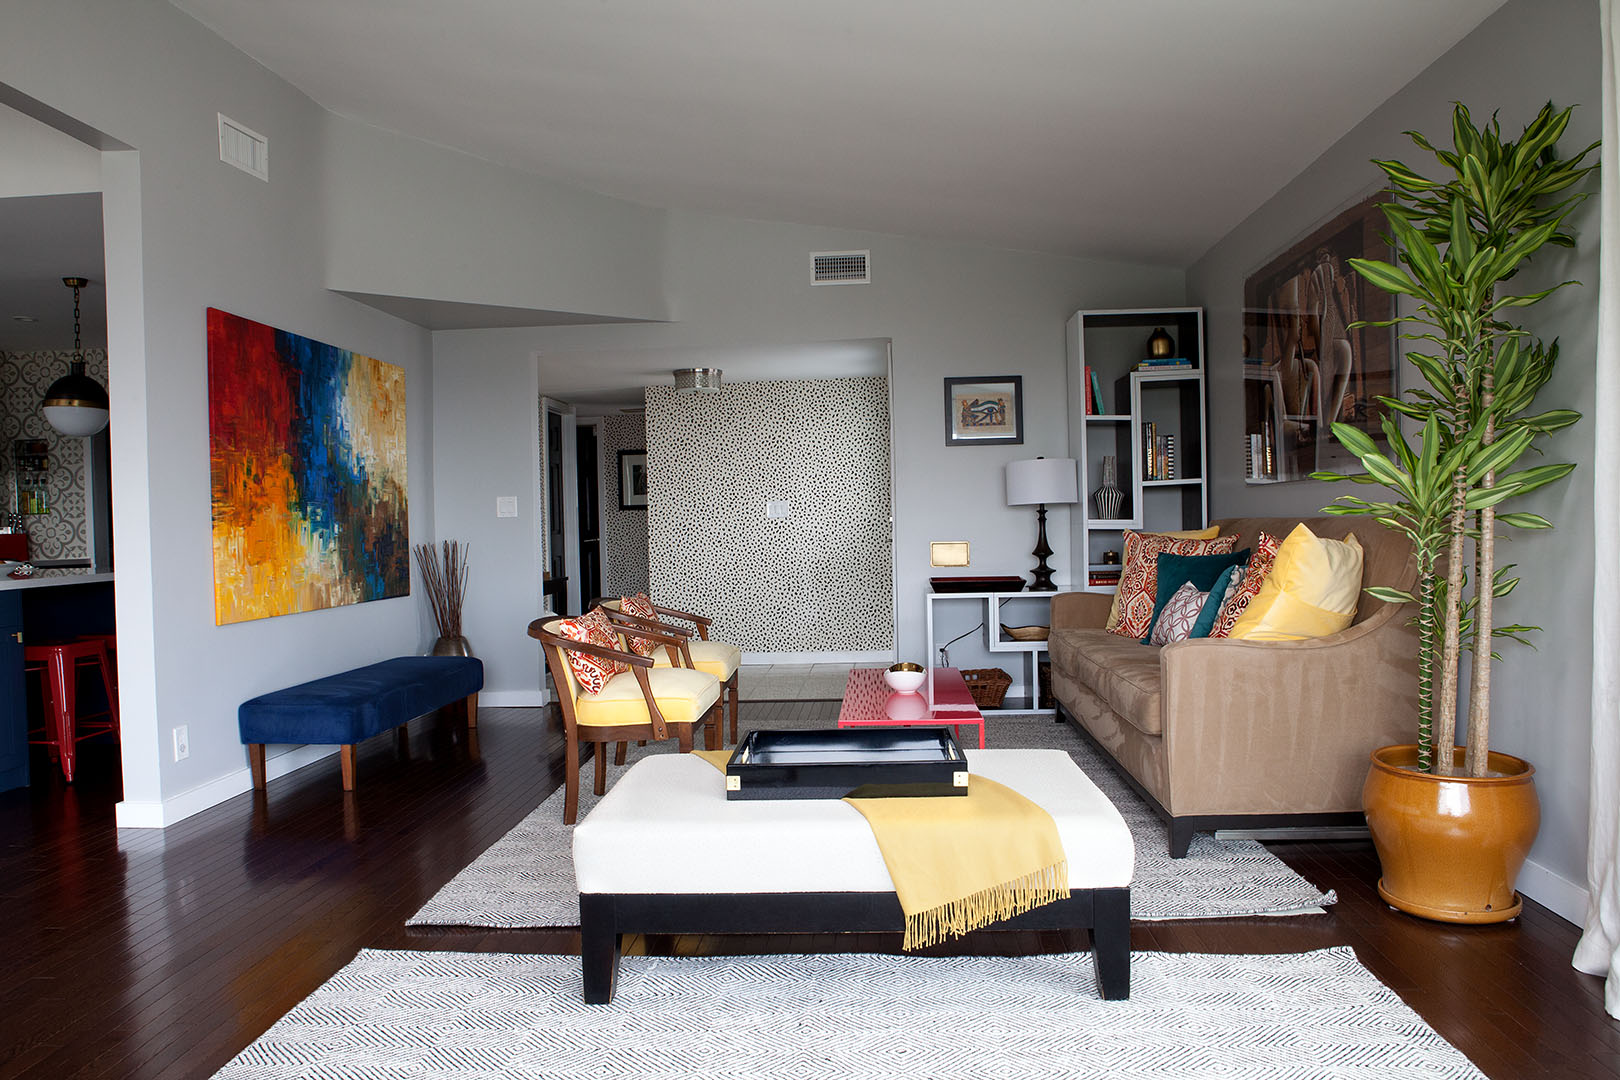 Living room interiors Oakland, CA